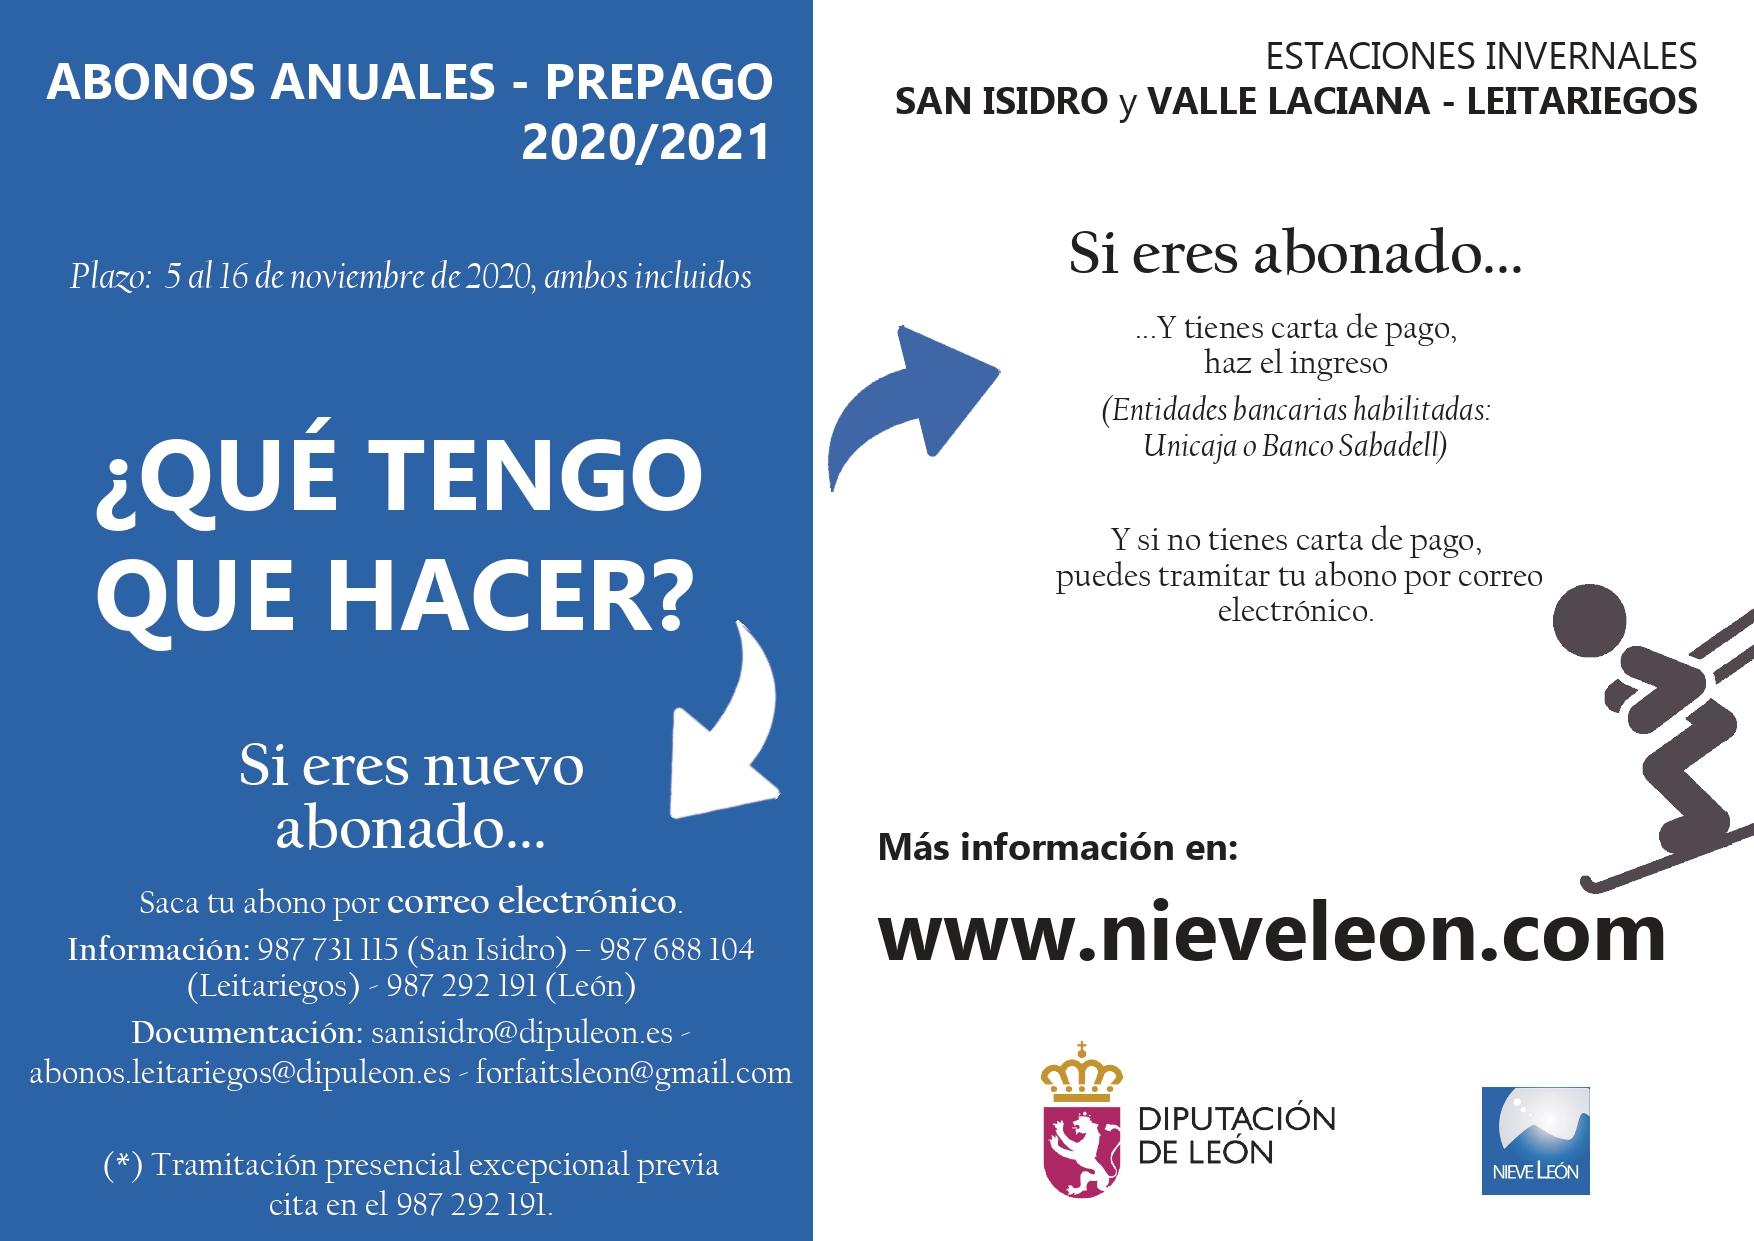 Las estaciones de esquí de la Diputación de León ultiman el protocolo COVID y esperan abrir la temporada a finales de este mes 2